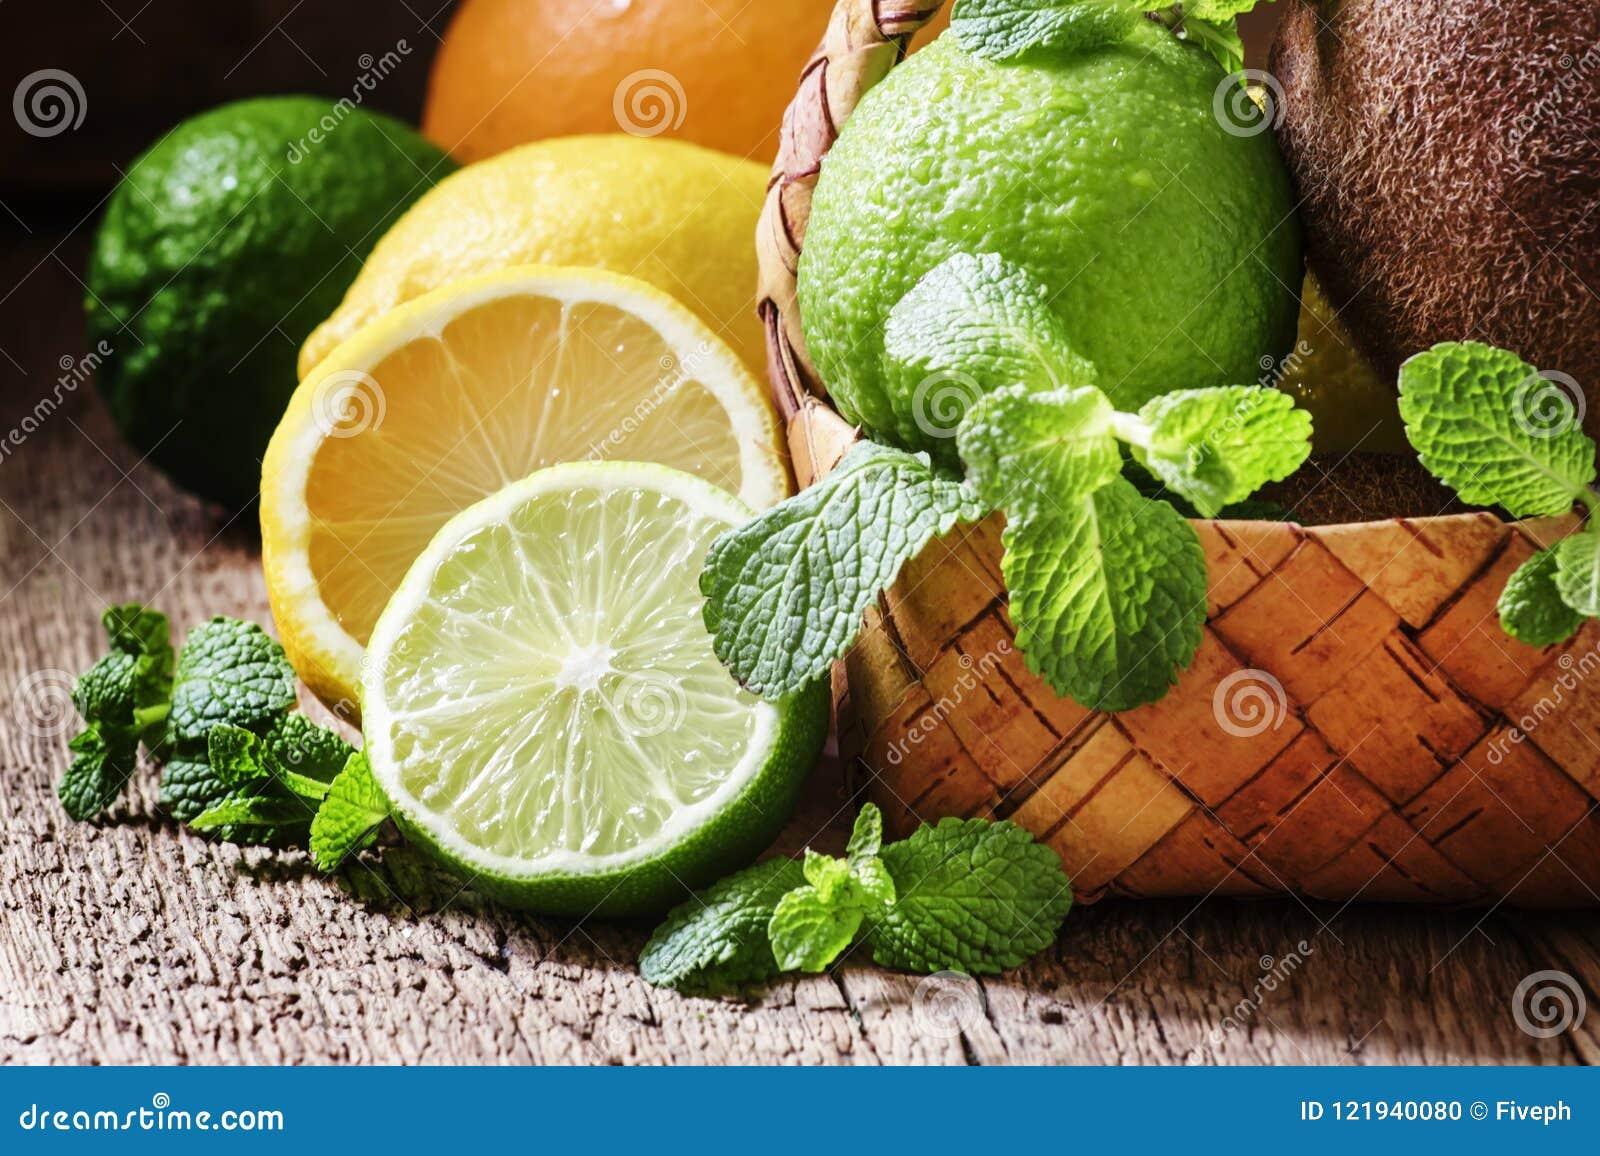 柑橘水果、猕猴桃和薄荷叶在一个柳条筐,葡萄酒